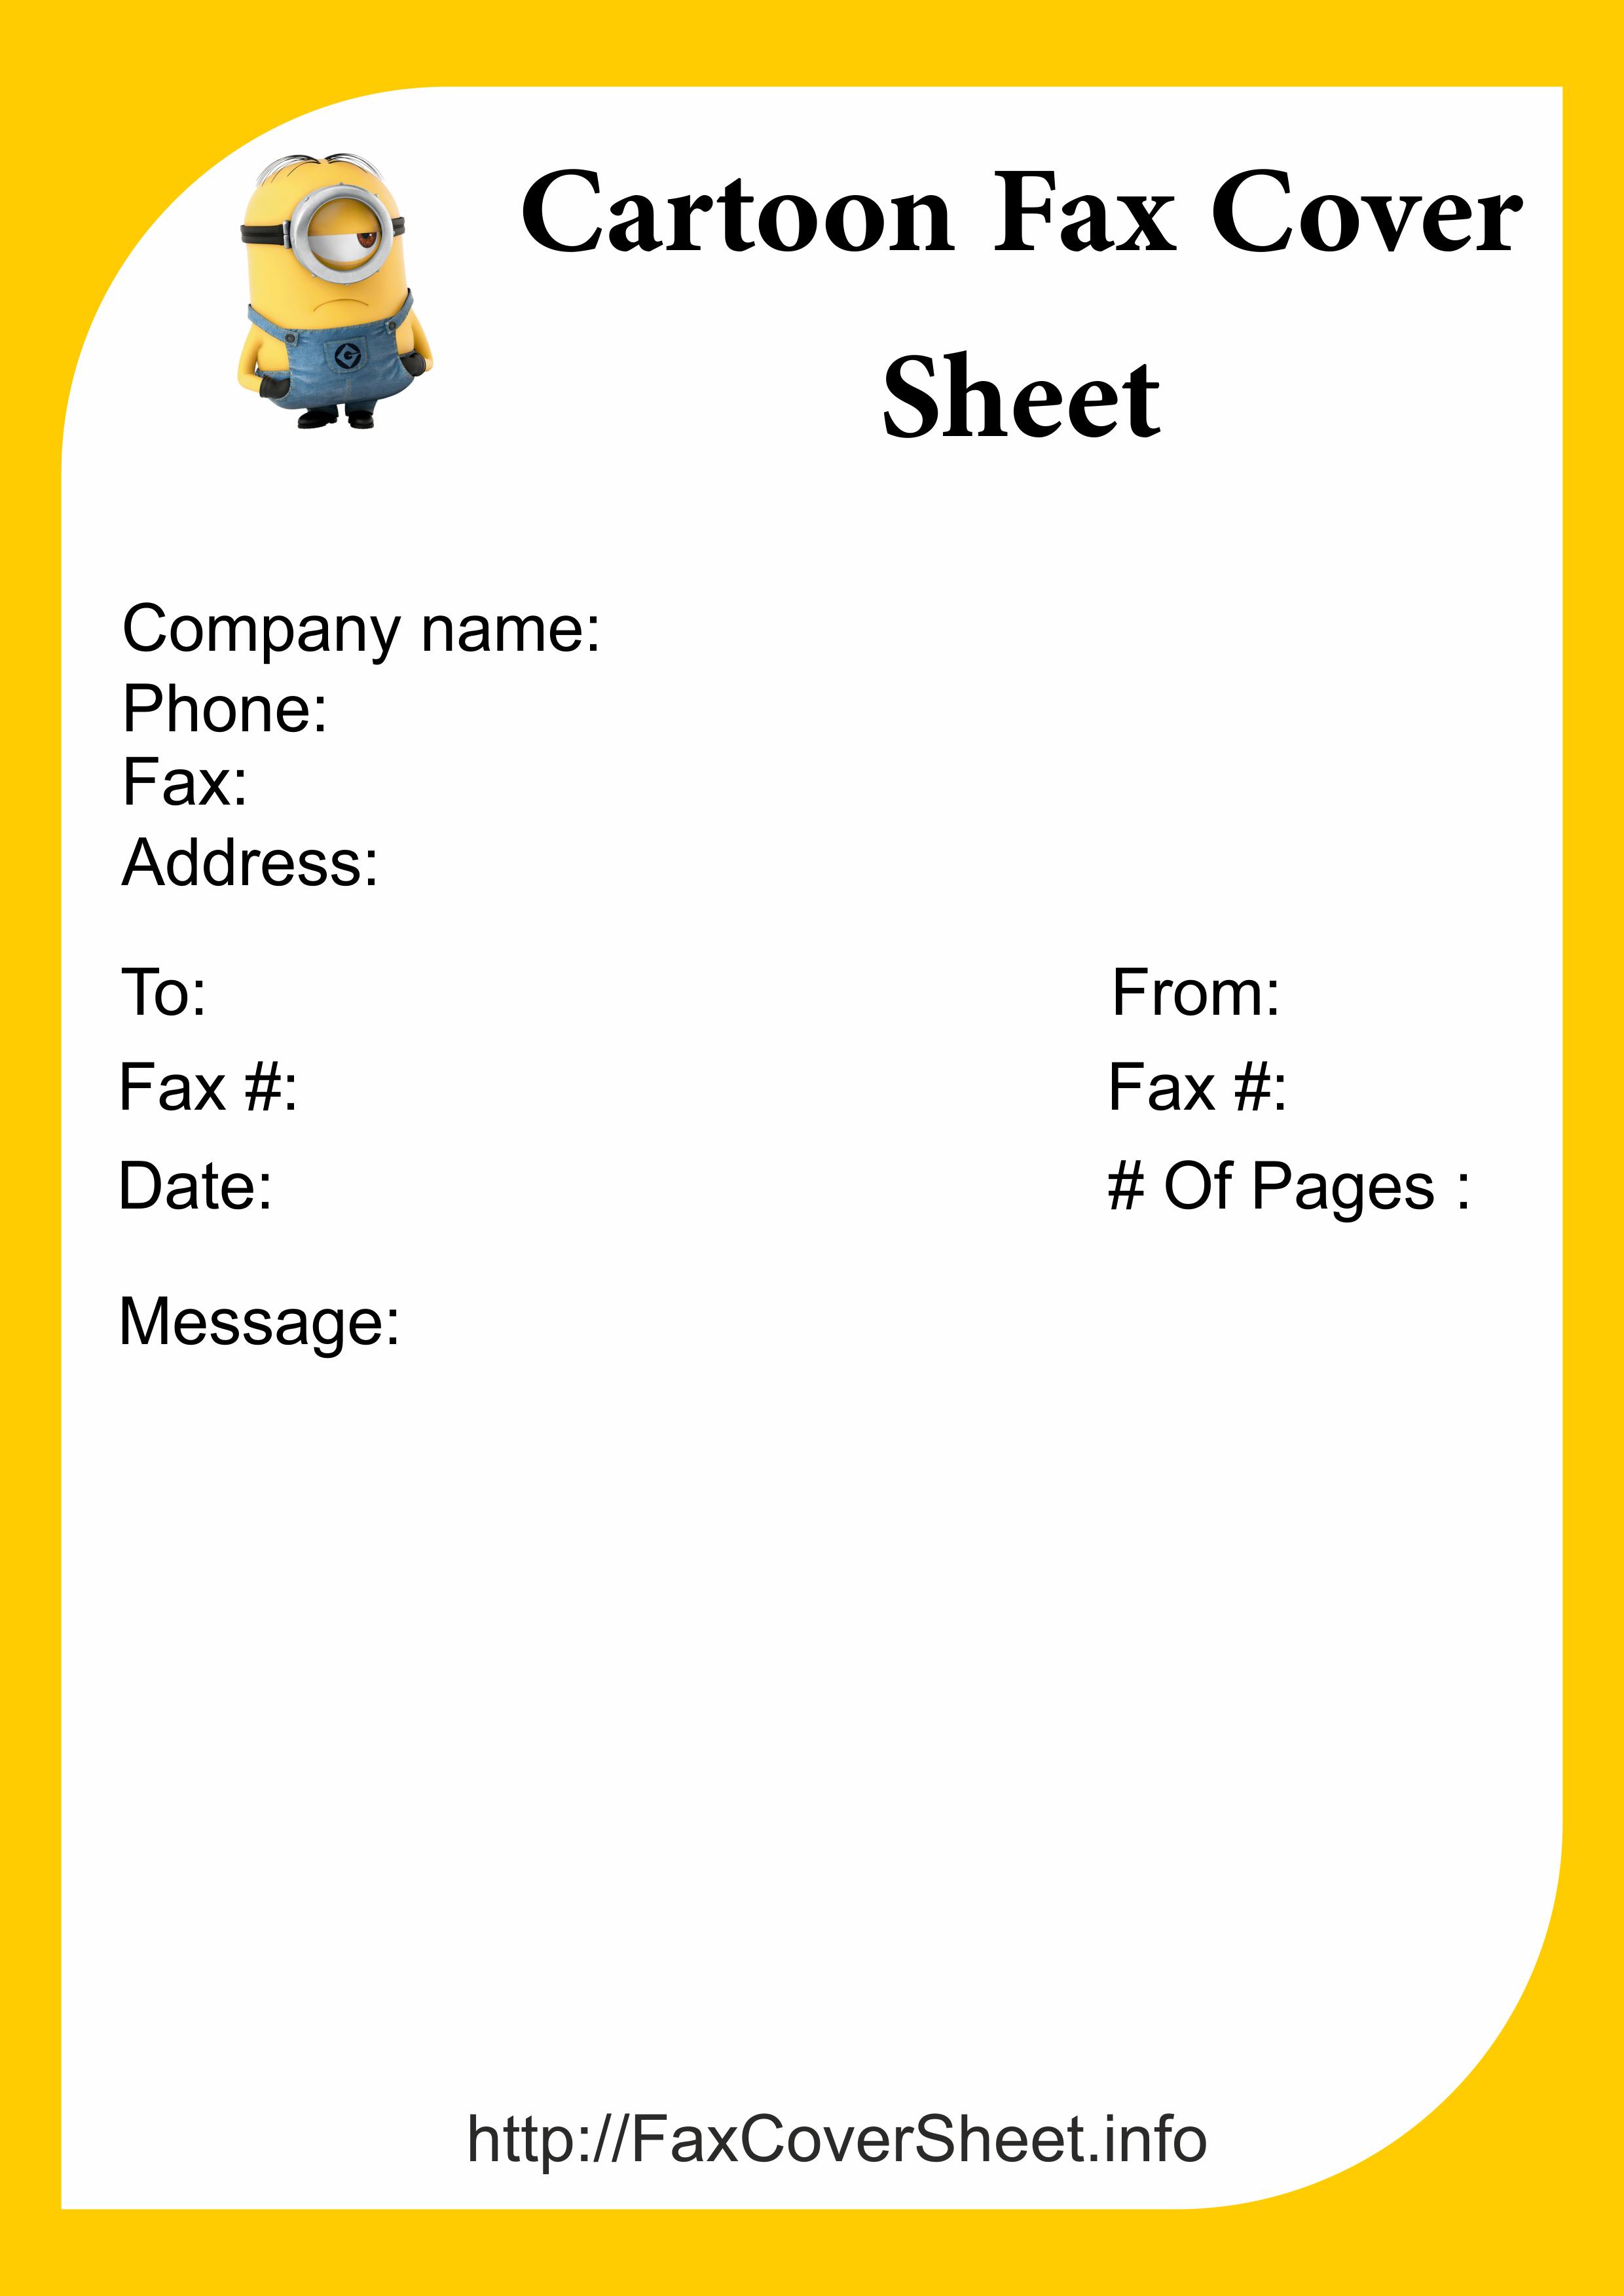 cartoon fax cover sheet Template